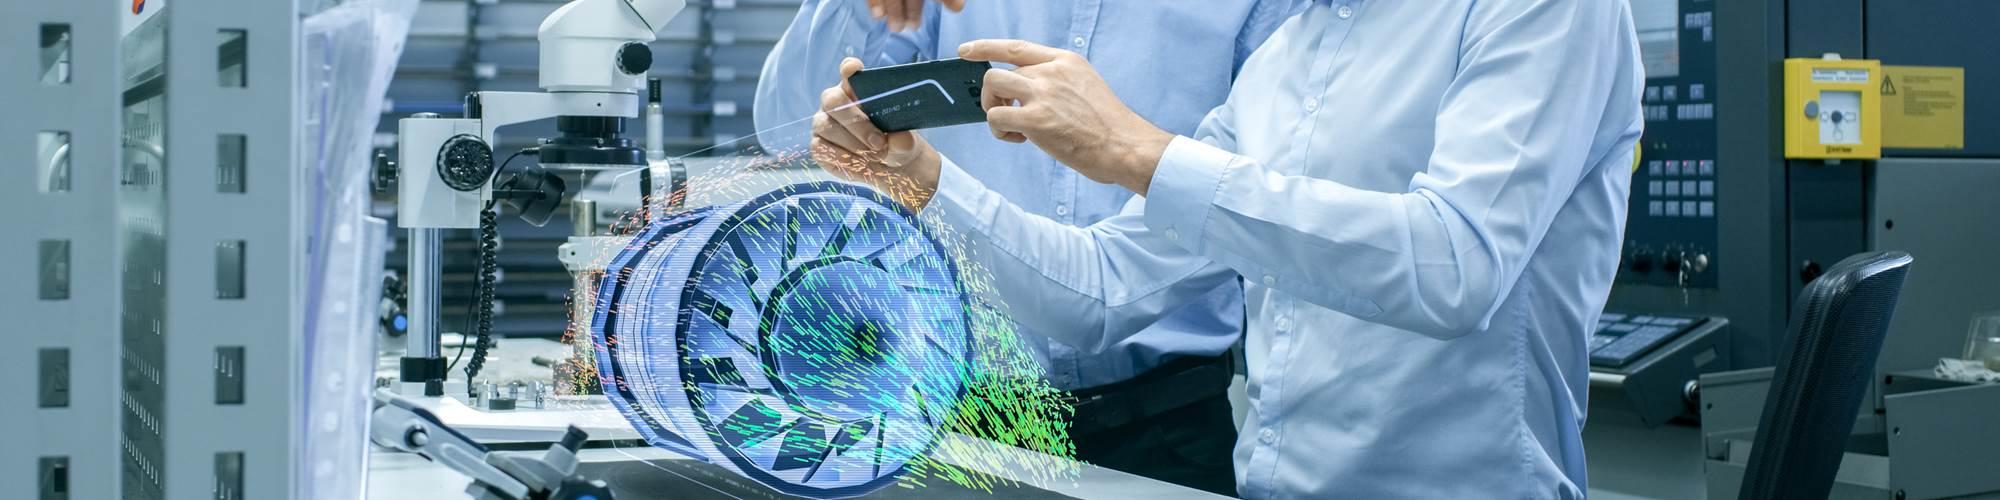 Mediante dispositivos de realidad aumentada, un técnico puede acceder datos de ingeniería y notas digitales que lo guíen a través del procedimiento.